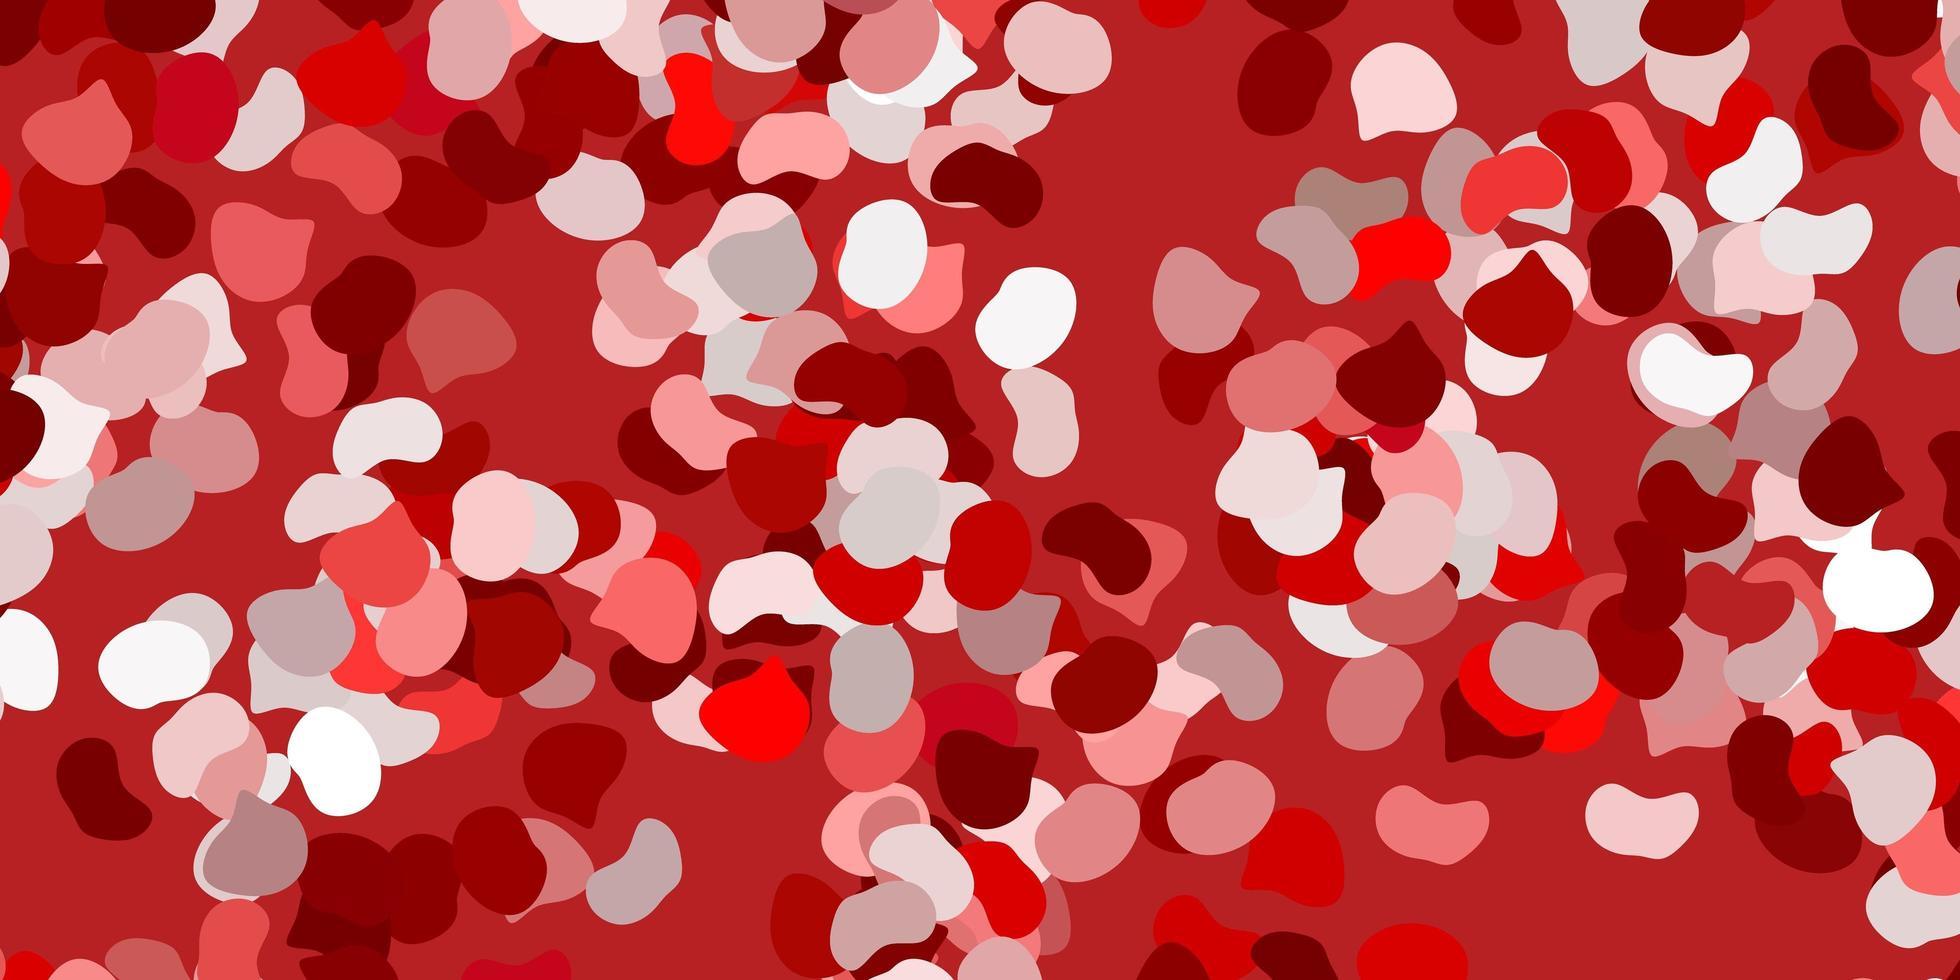 rode sjabloon met abstracte vormen. vector